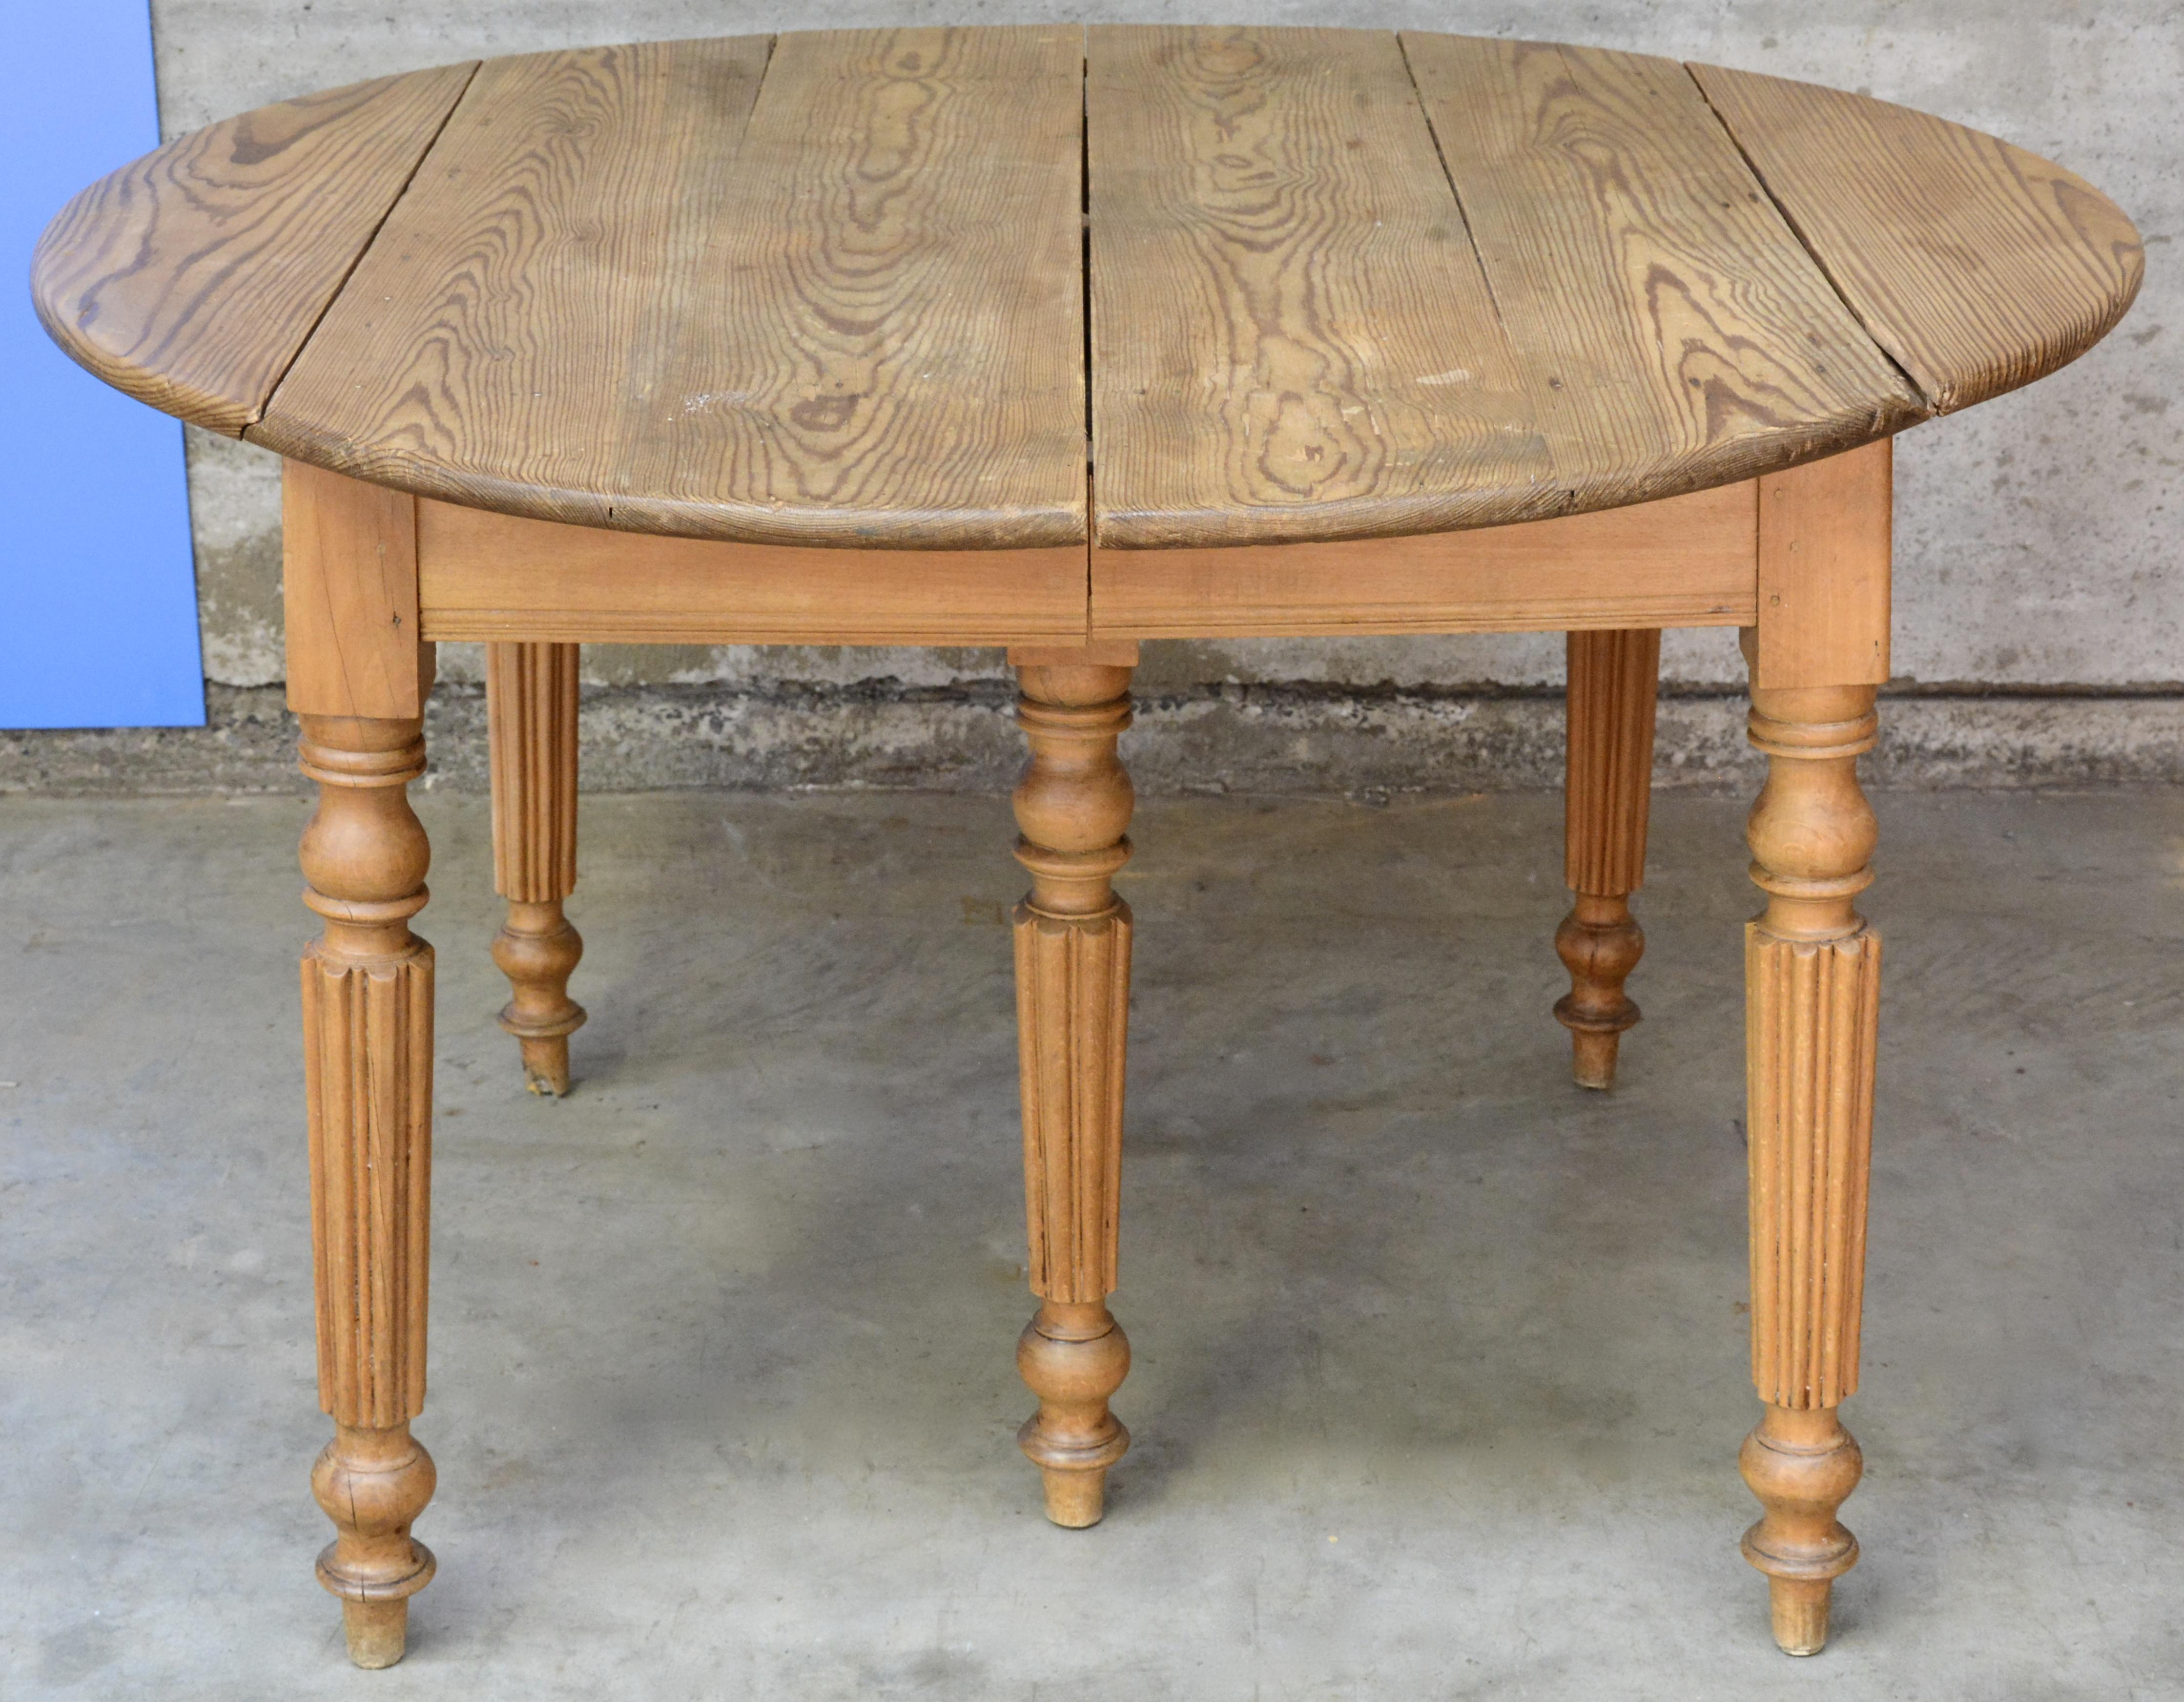 Grenenhouten Side Table.Een Verlengbare Grenenhouten Tafel Met Zes Gecanneleerde